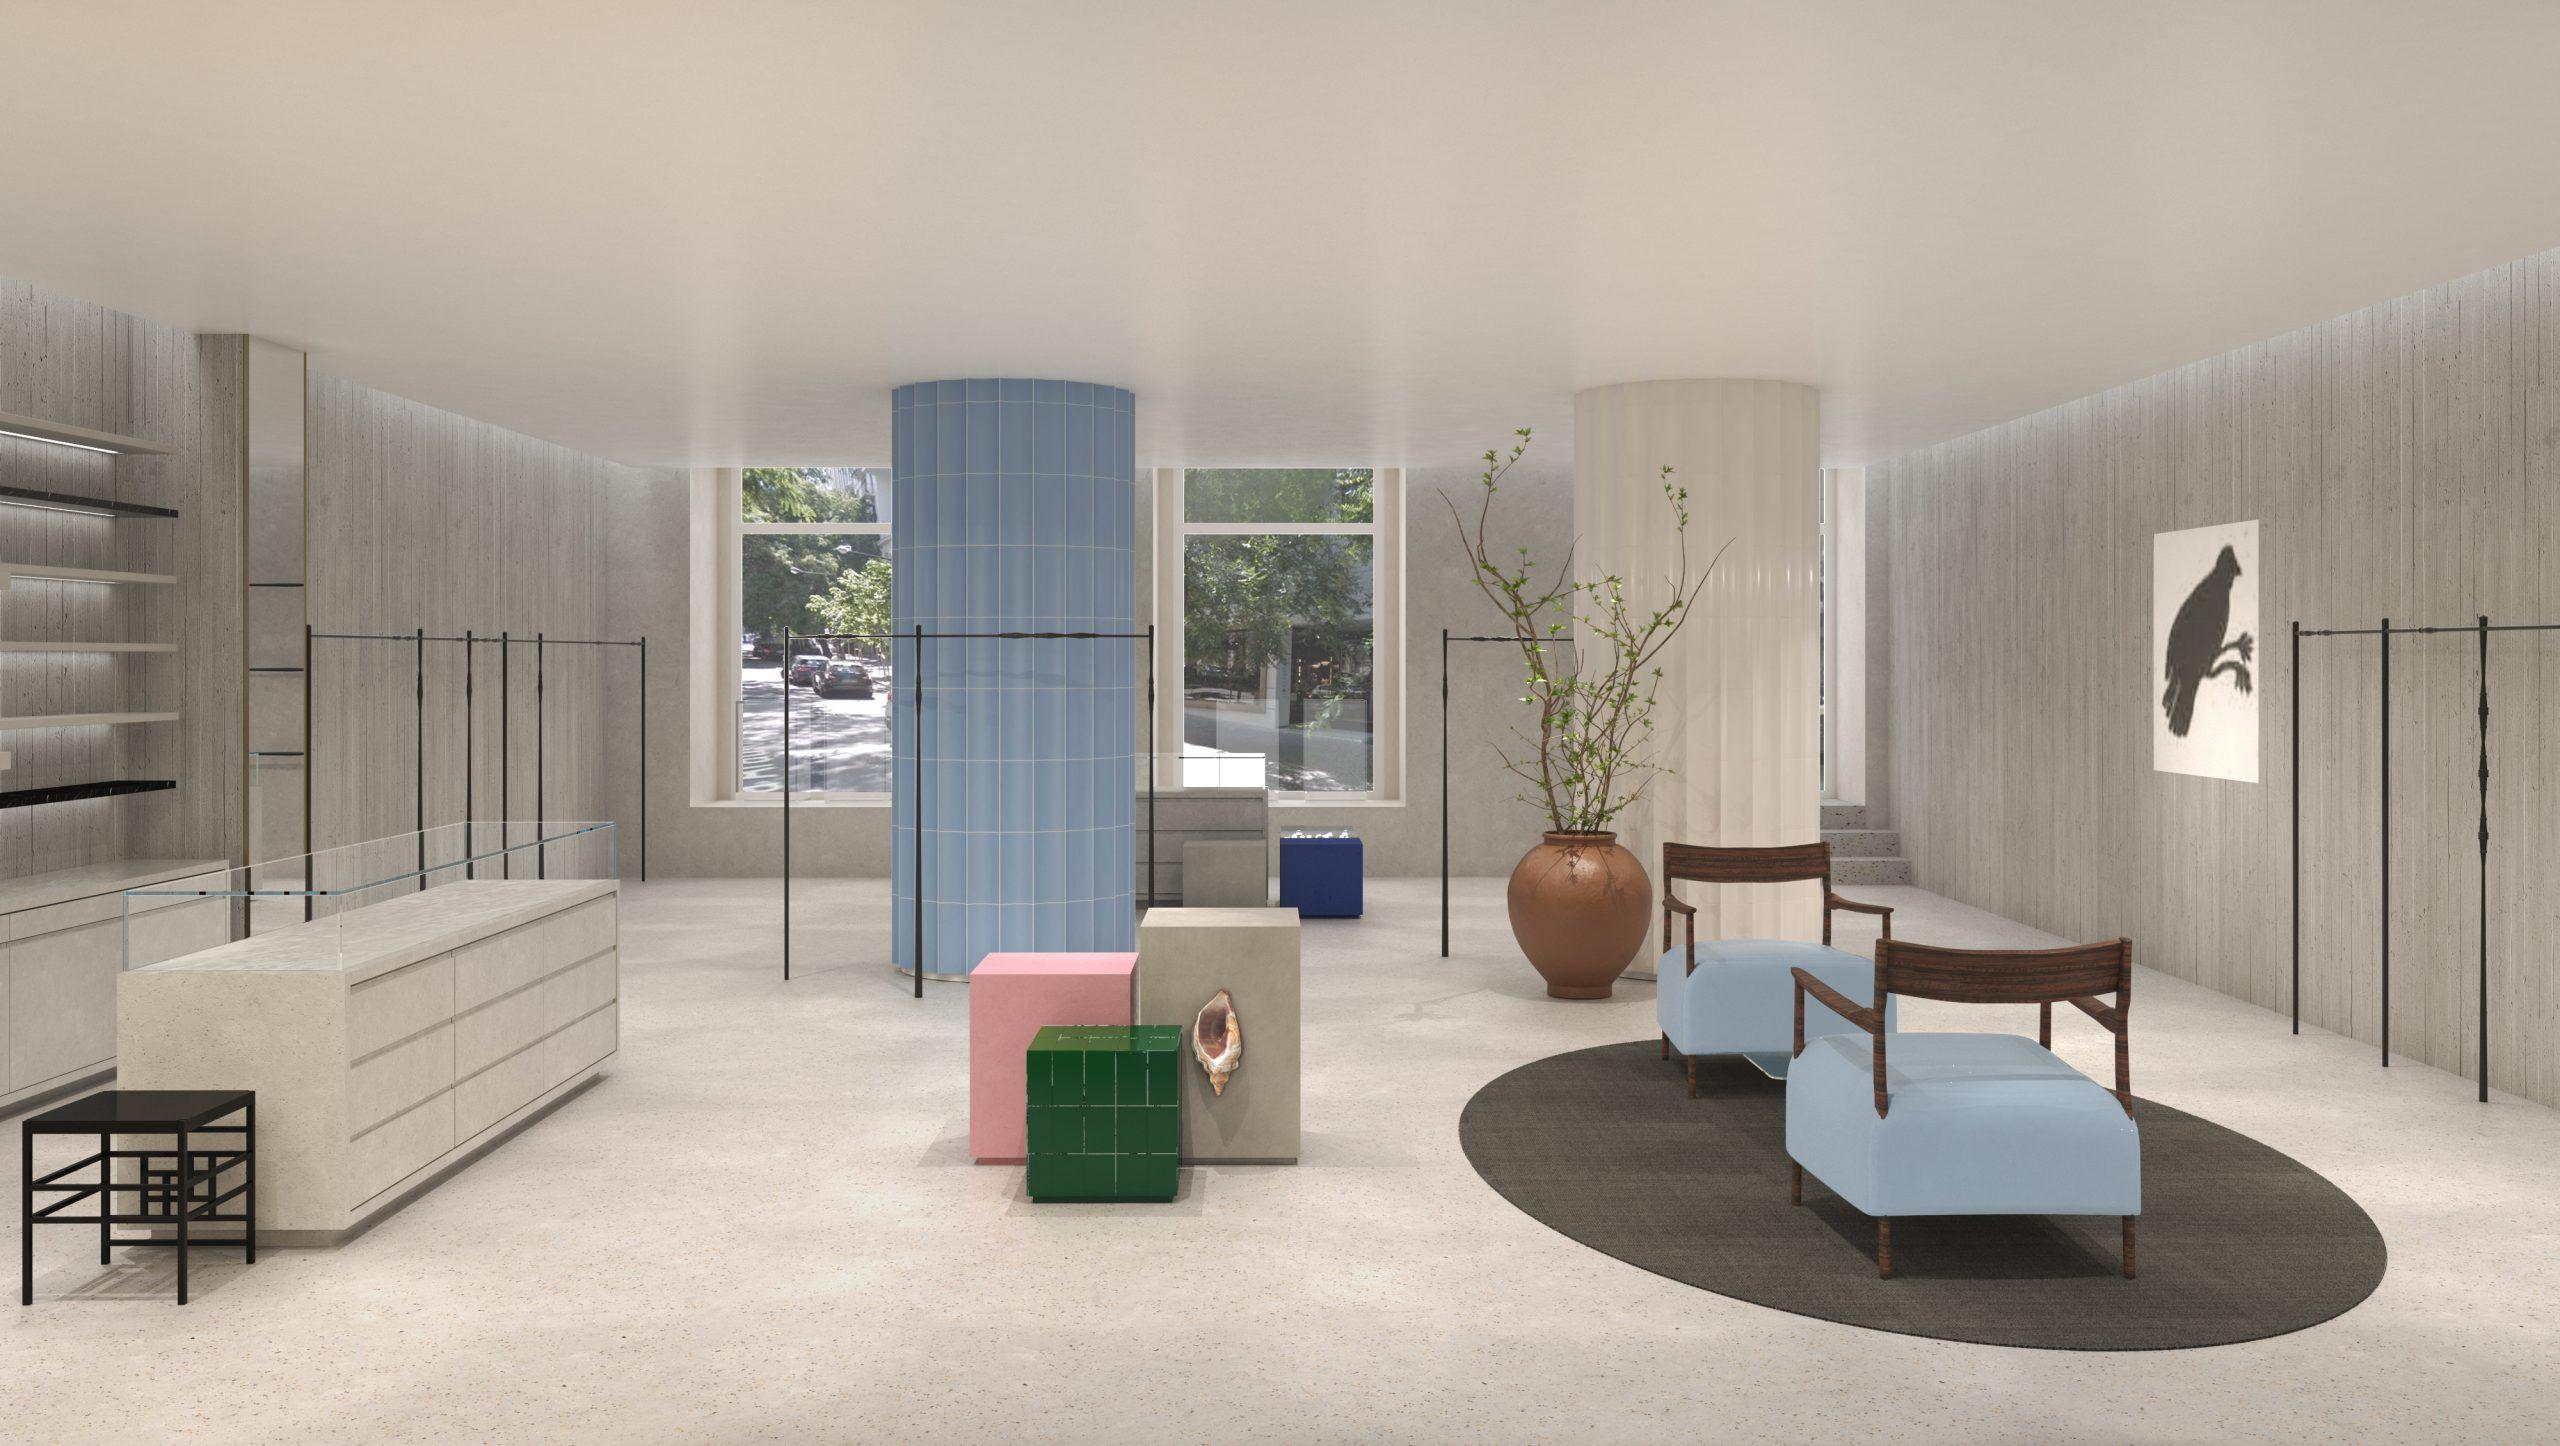 Espacio interior con mobiliario 3D